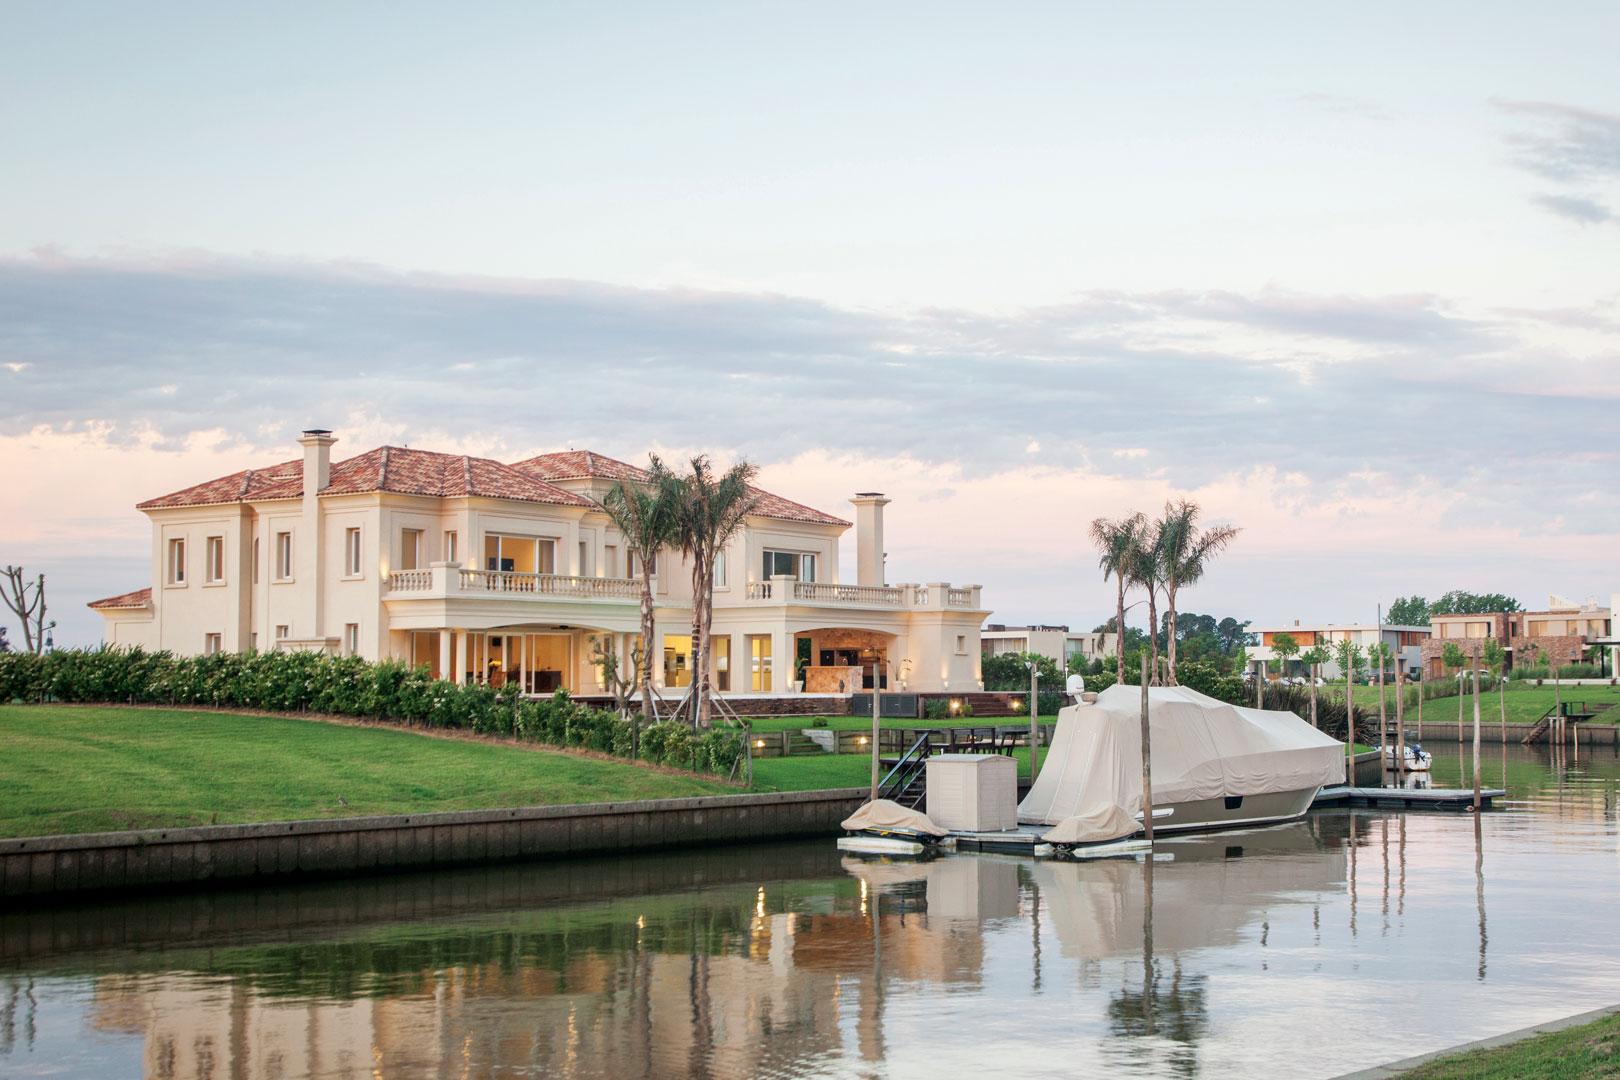 Apa arquitectura casa estilo italiano aggiornado for Casa clasica country